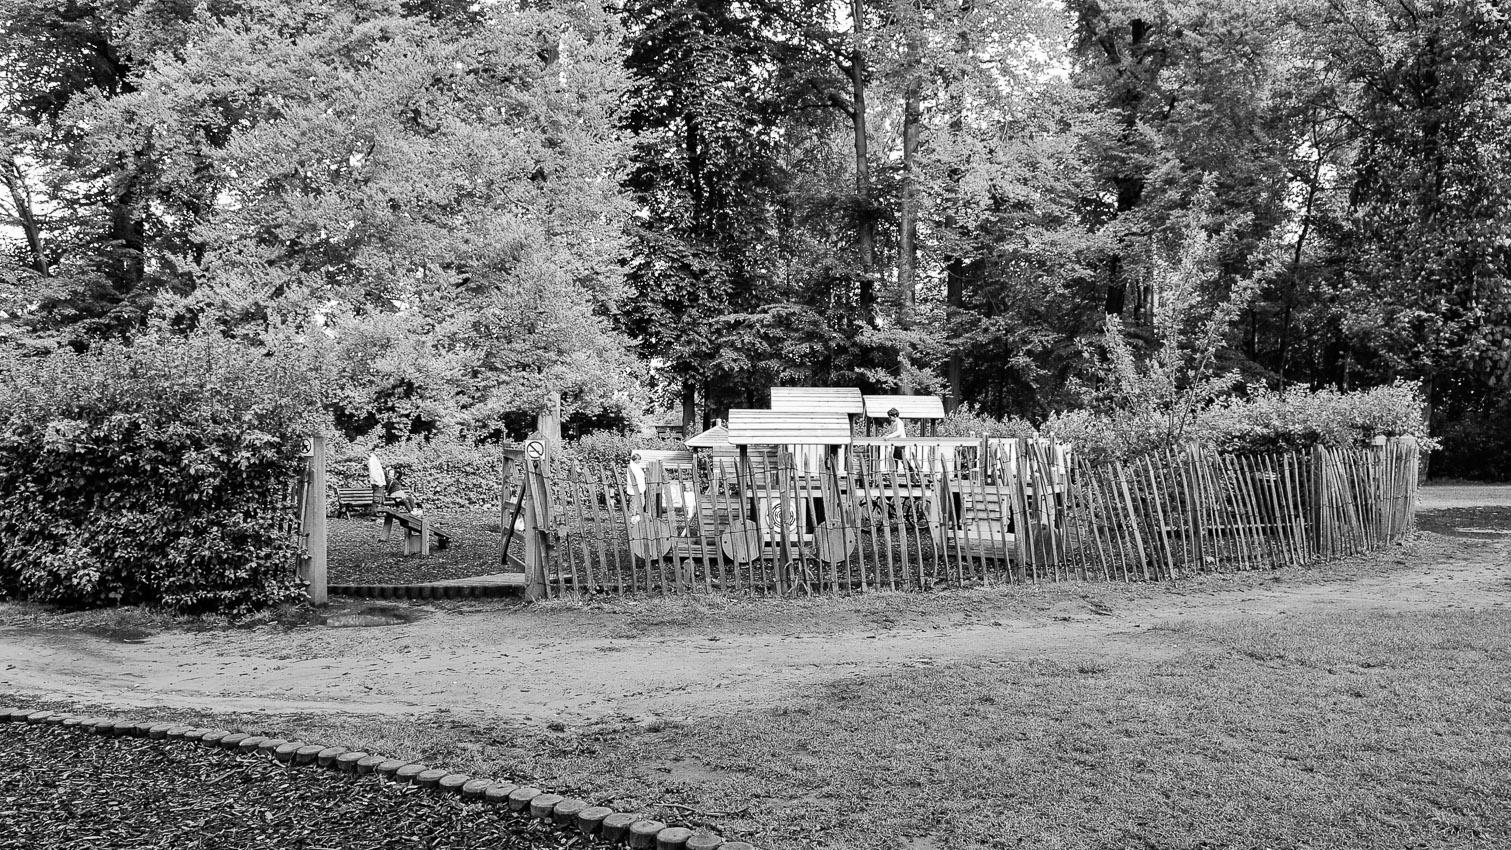 13-parc-foret-location-decors-film-cinema-photo-belgium-bruxelles